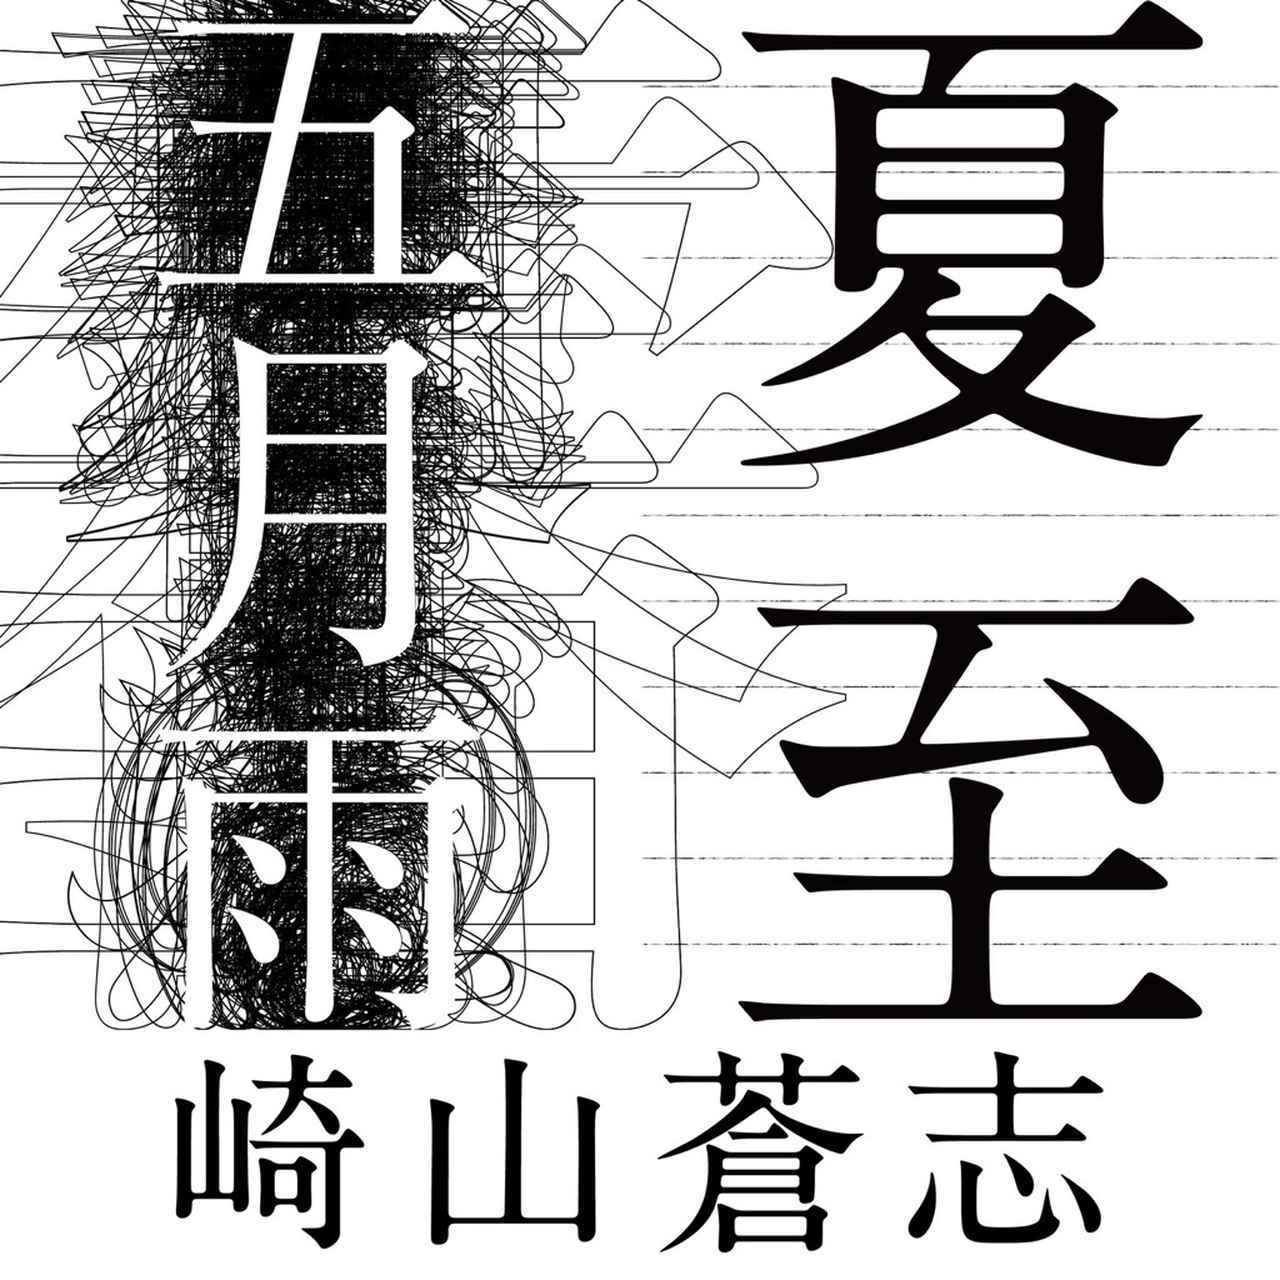 画像: 夏至 / 五月雨 / 崎山蒼志